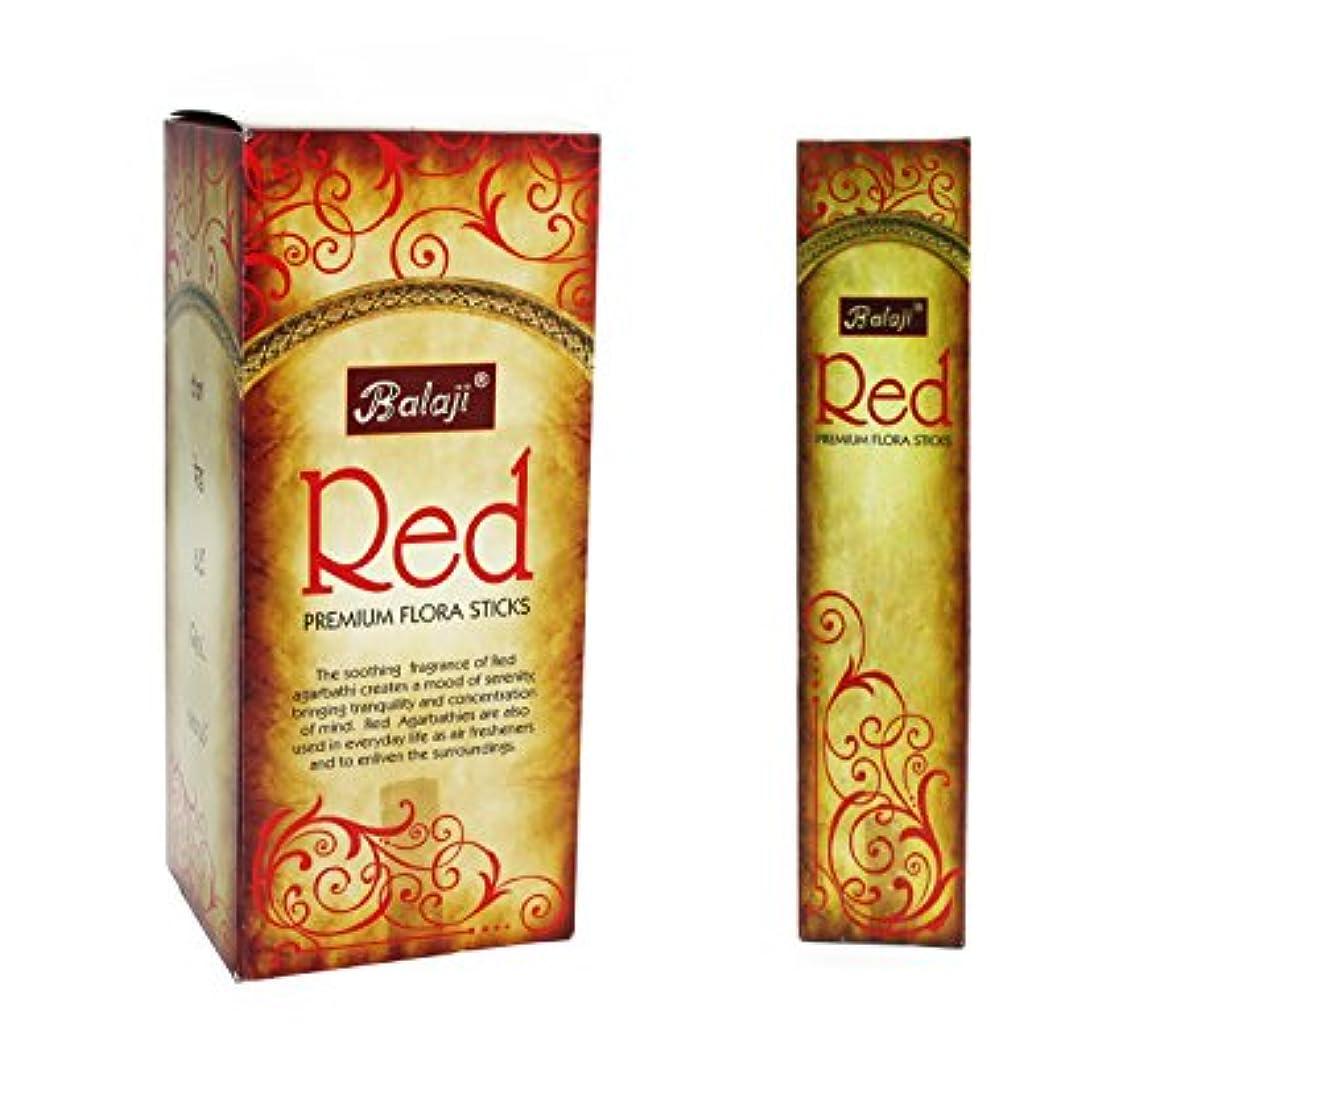 名義で暗唱するローマ人Balaji Red Premium Flora Sticks (Incense/Joss Sticks/ Agarbatti) (12 units x 15 Sticks) by Balaji